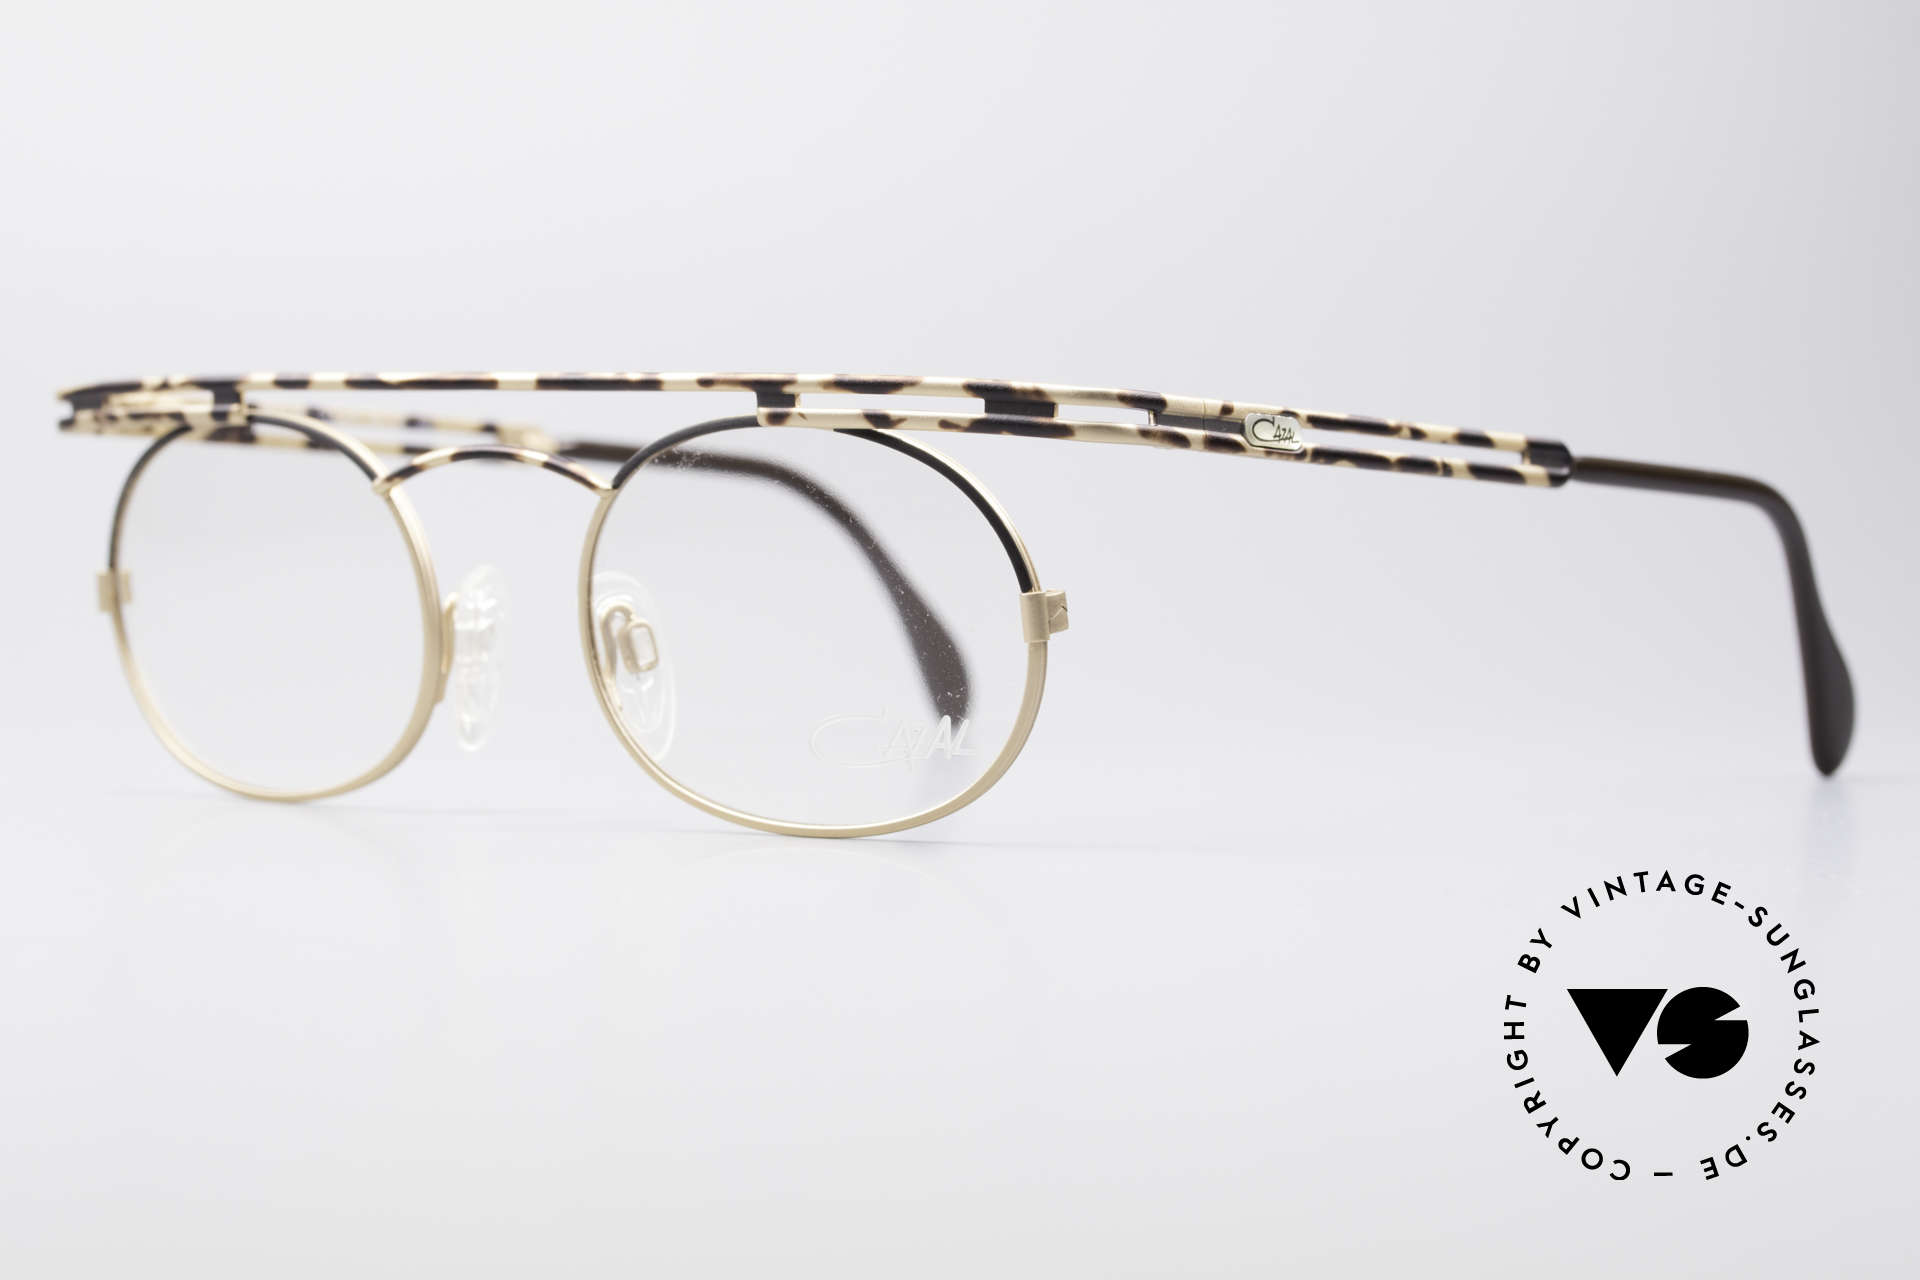 Cazal 761 KEINE Retrobrille Vintage Brille, beste Verarbeitungsqualität 'made in Germany', Passend für Herren und Damen